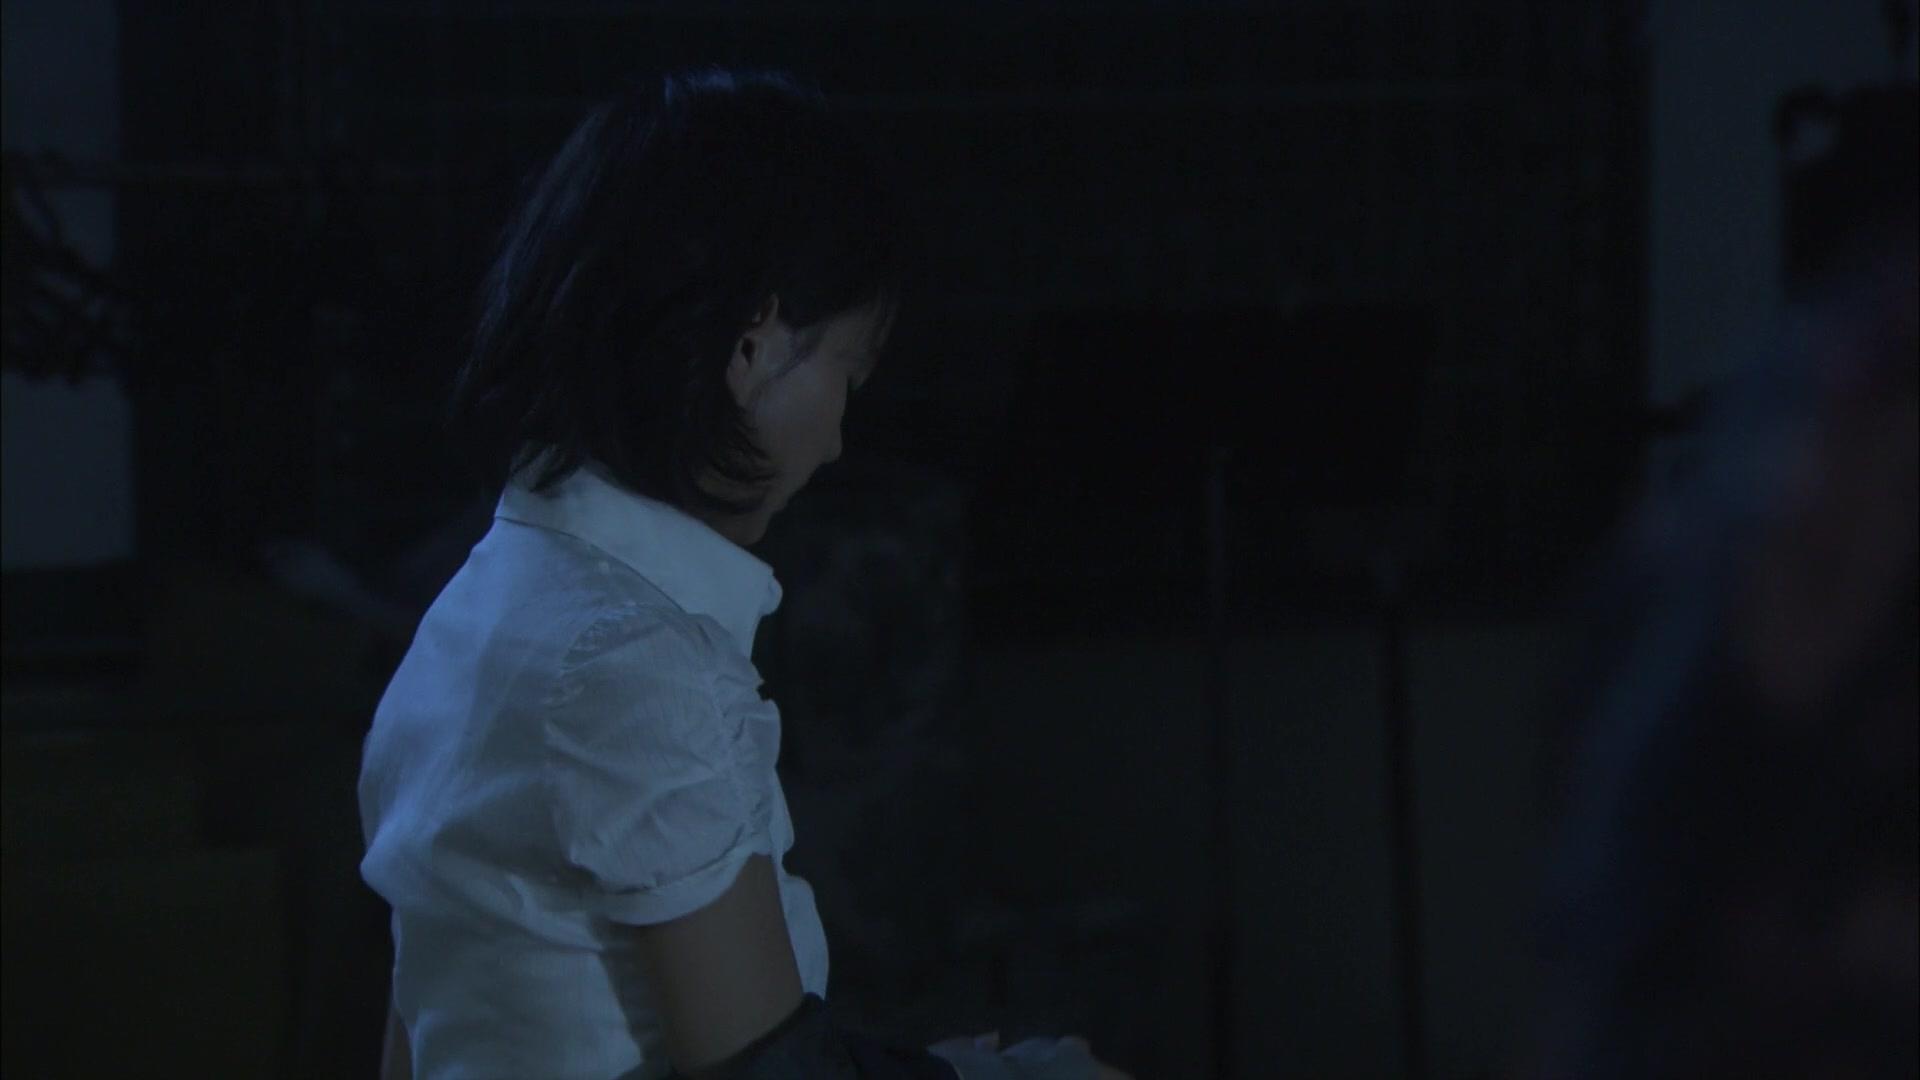 Jiu - Special Investigation Team Episode 2